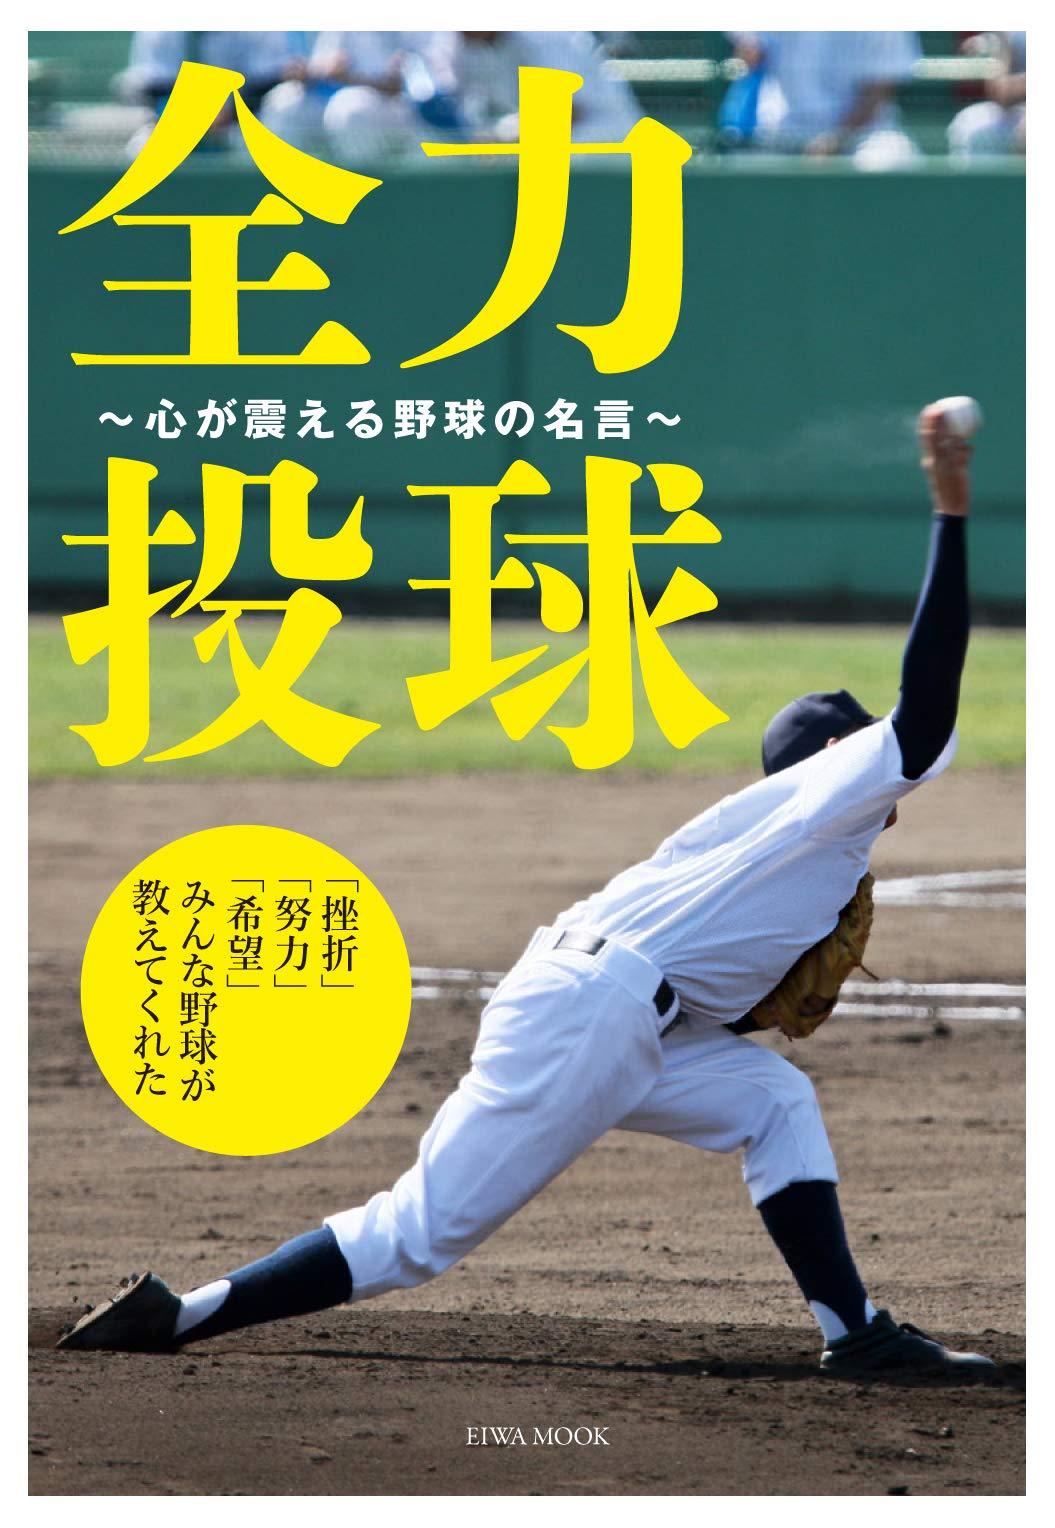 全力投球 心が震える野球の名言 英和ムック 本 通販 Amazon